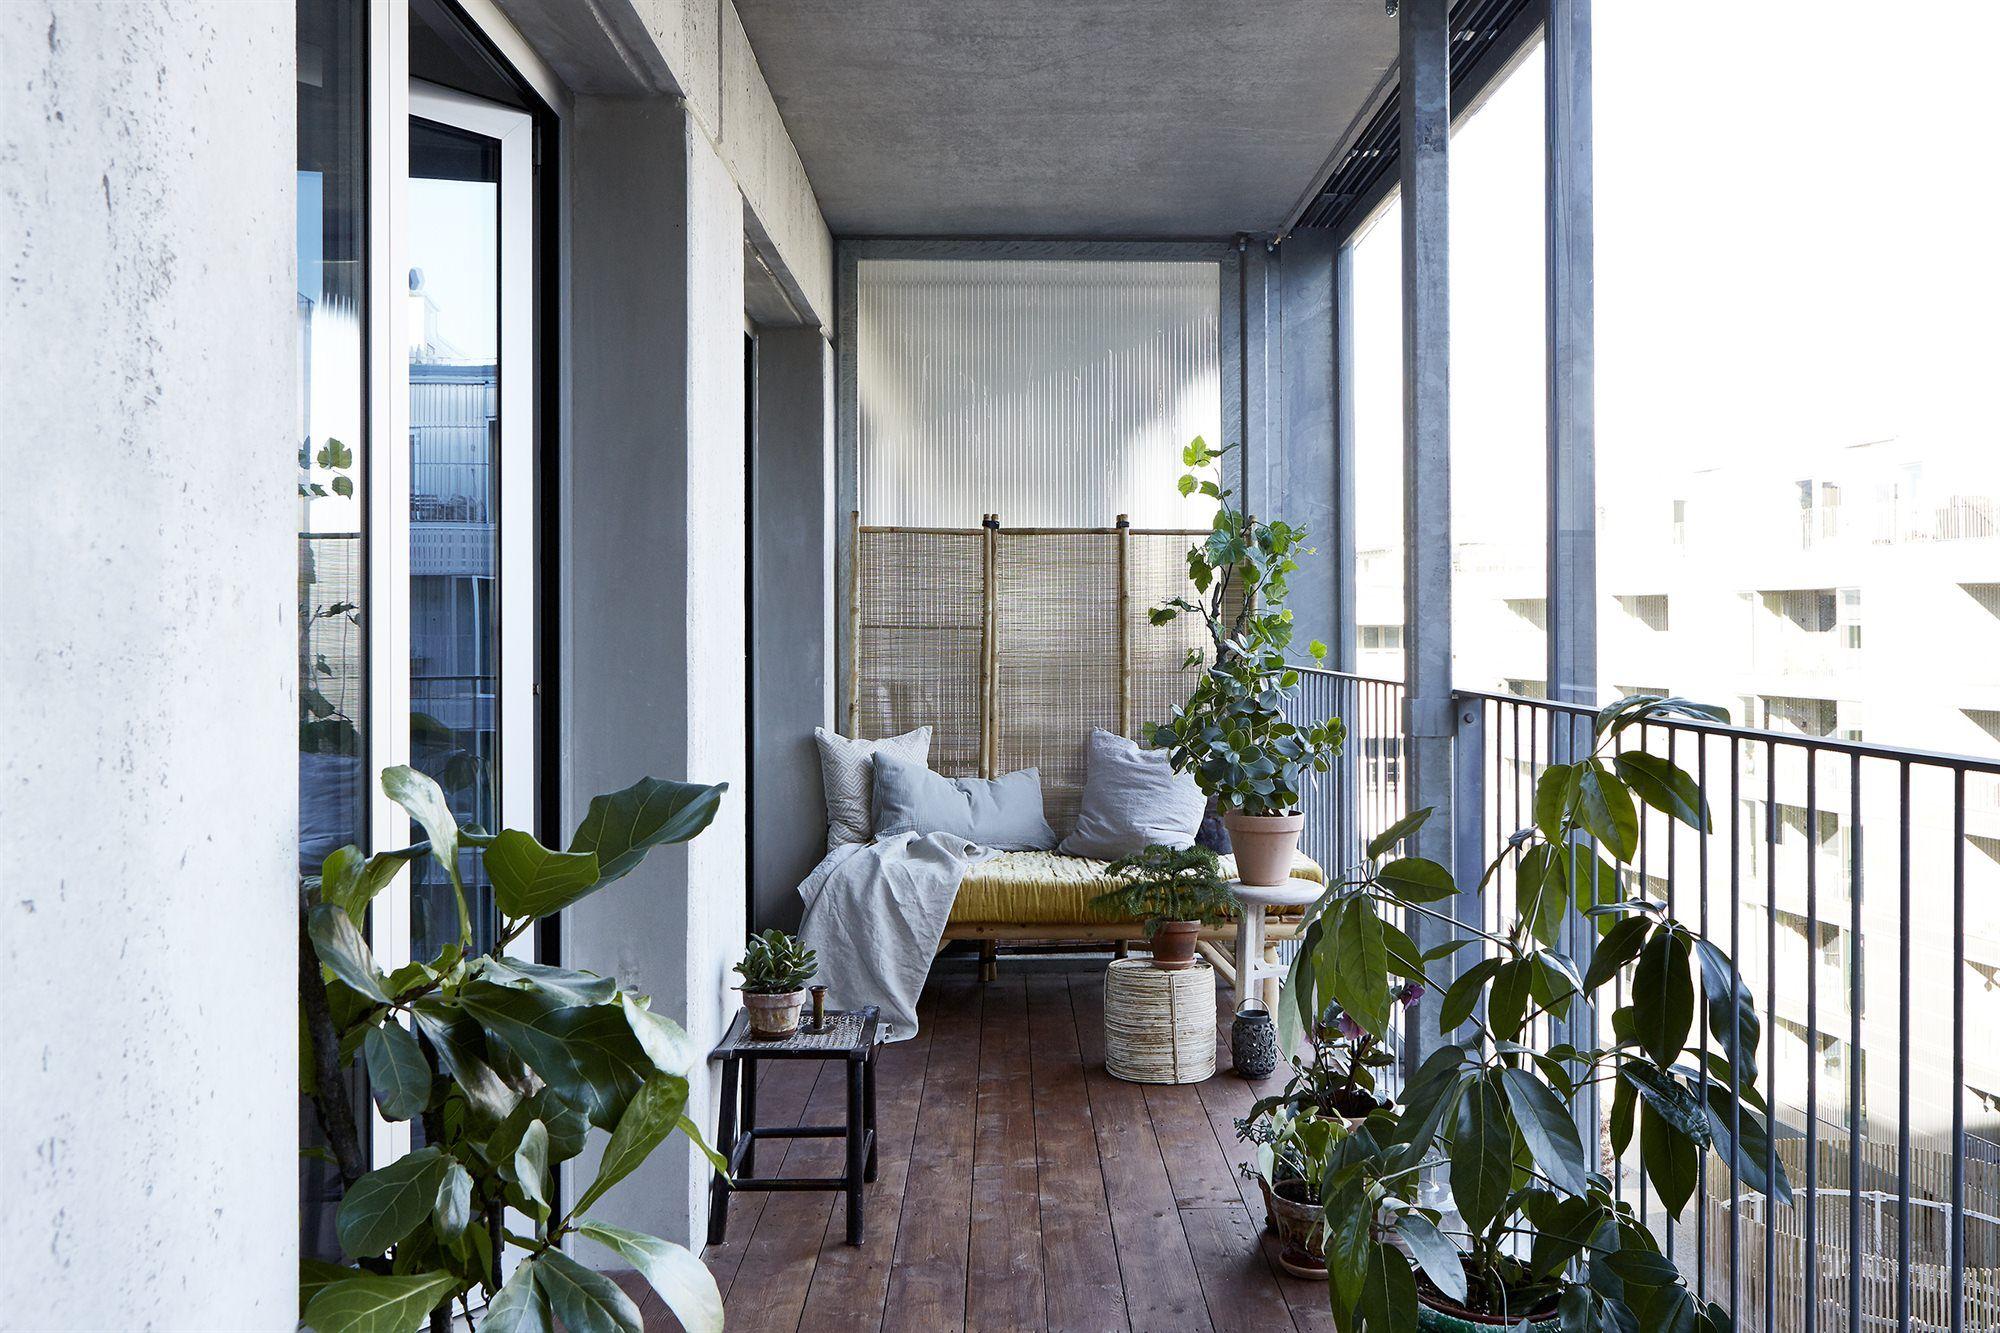 Bohemian Balkon Inrichting : Balkon met een knus industrieel tintje interior pinterest